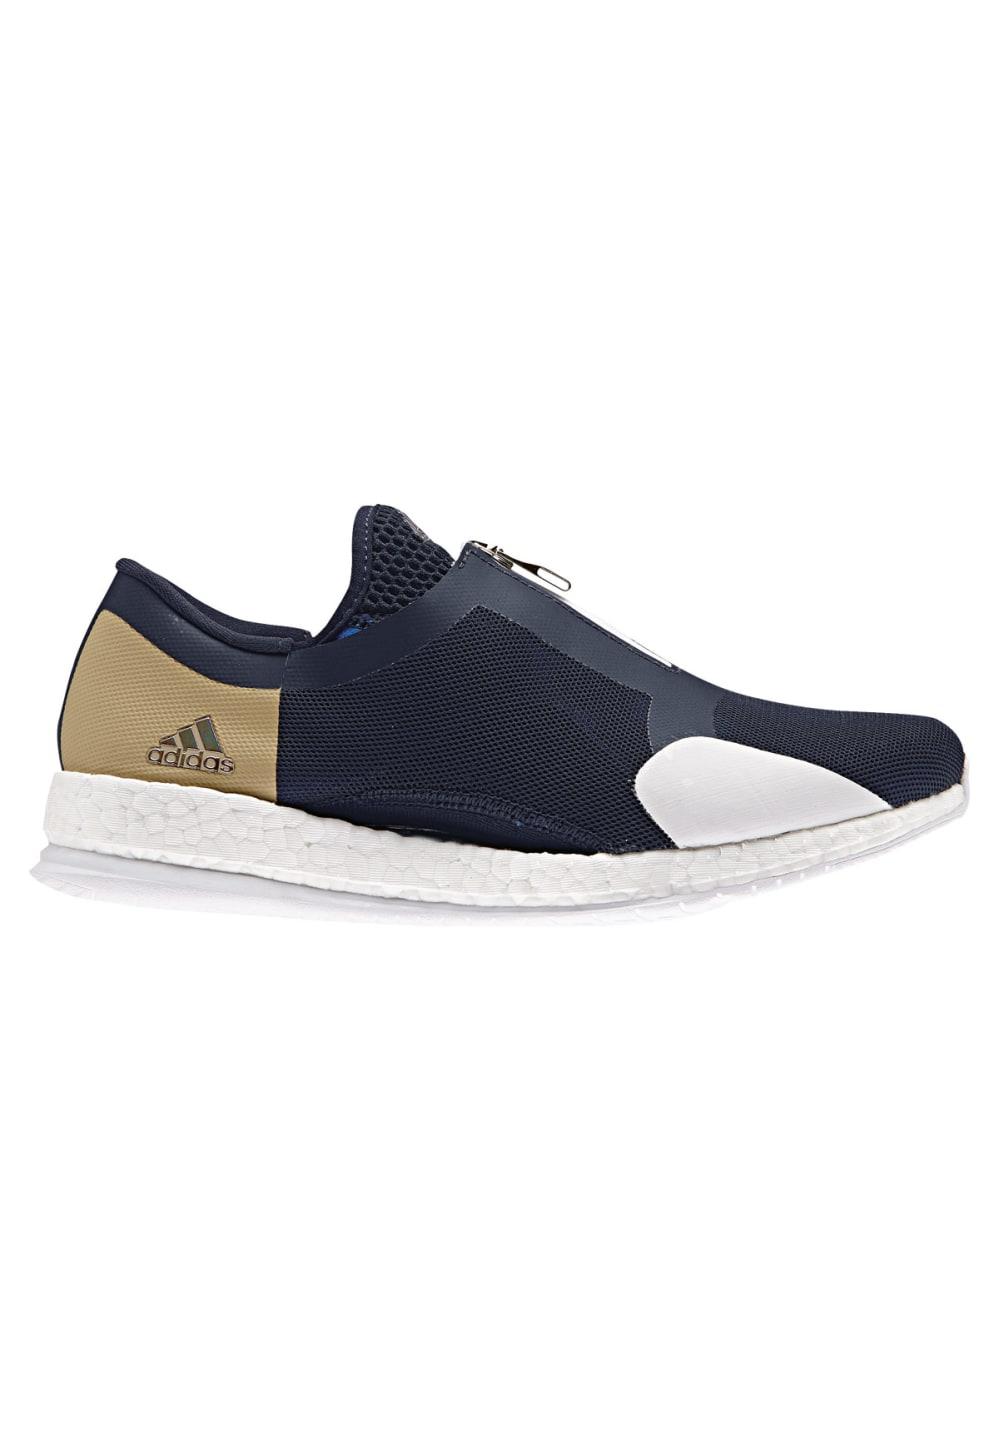 separation shoes 2873c 4c5b0 Next. -45%. Ce produit est actuellement épuisé. adidas. Pure Boost X  Trainer Zip - Chaussures fitness pour Femme